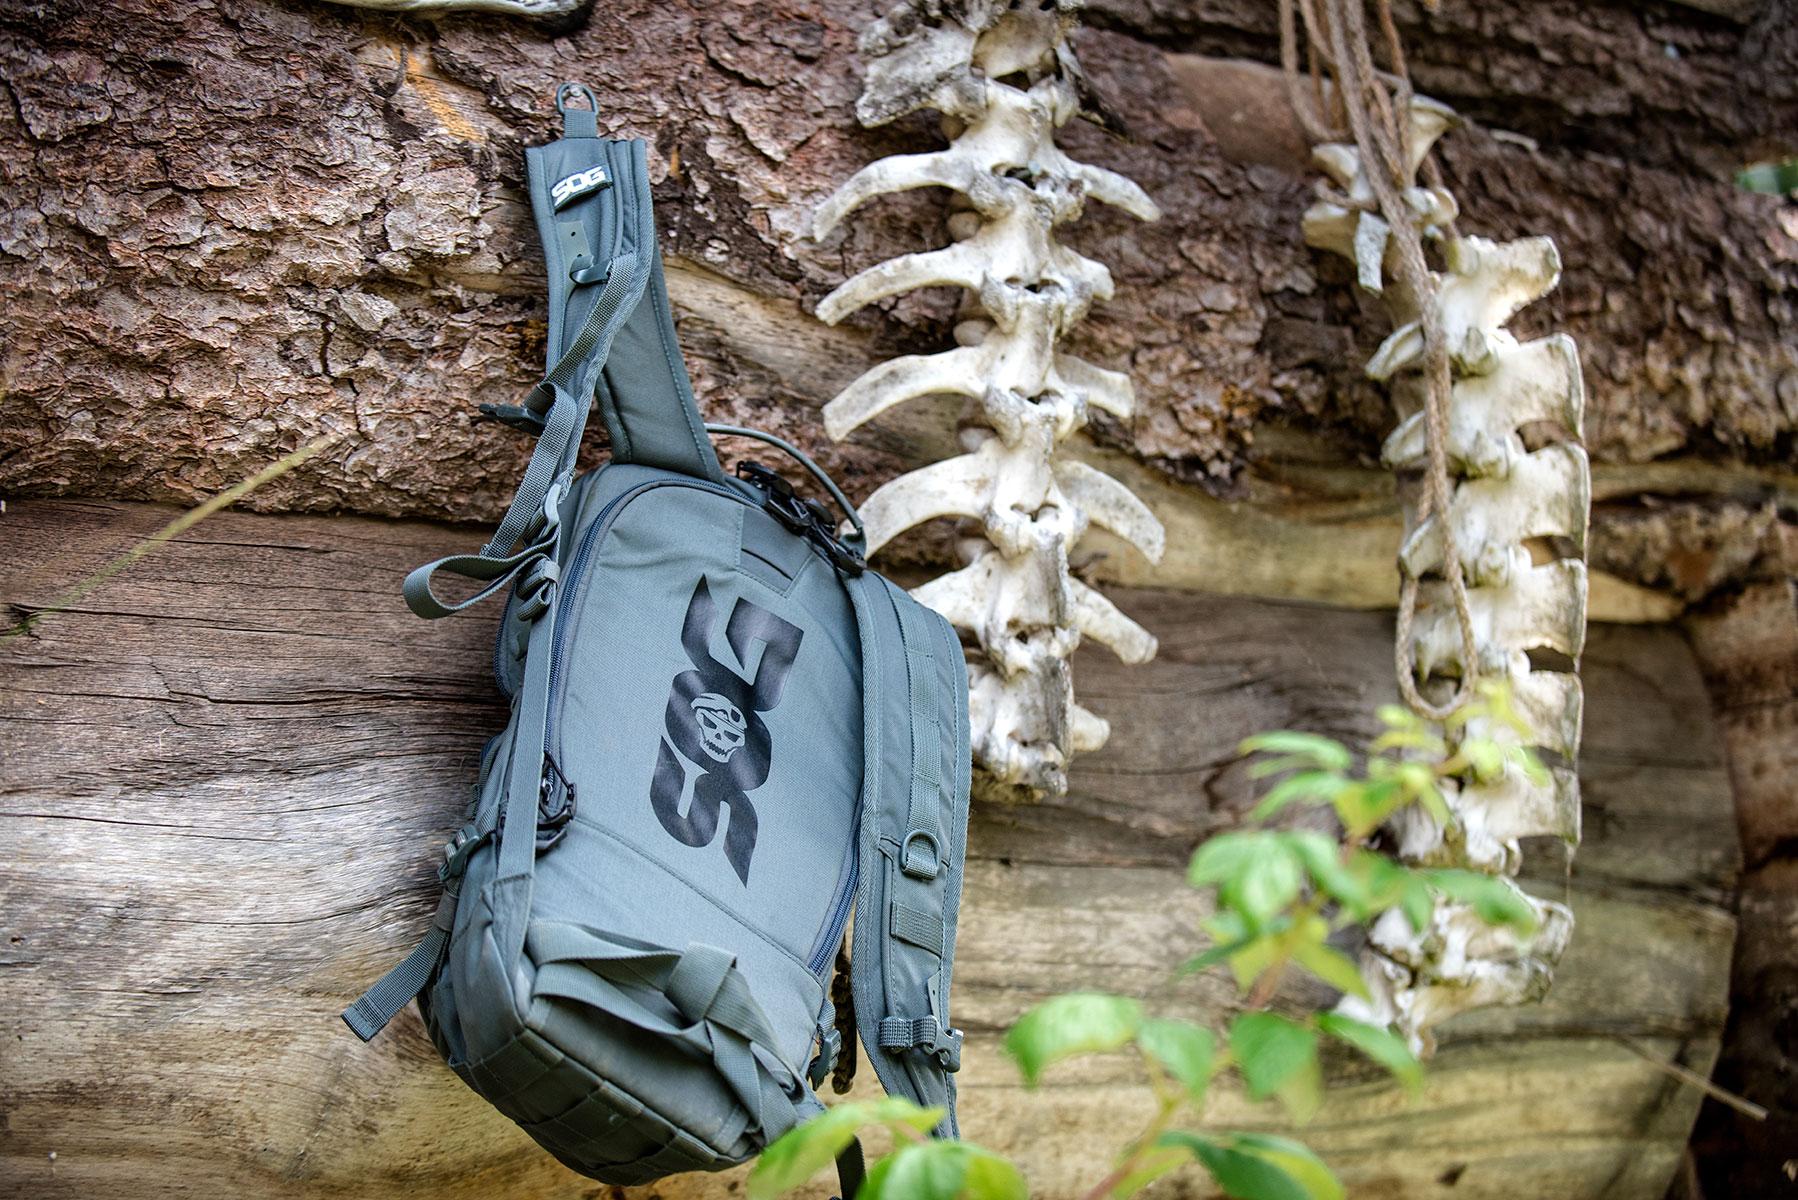 austin-trigg-brave-wilderness-alaska-Sog-Bag-Skeletons.jpg